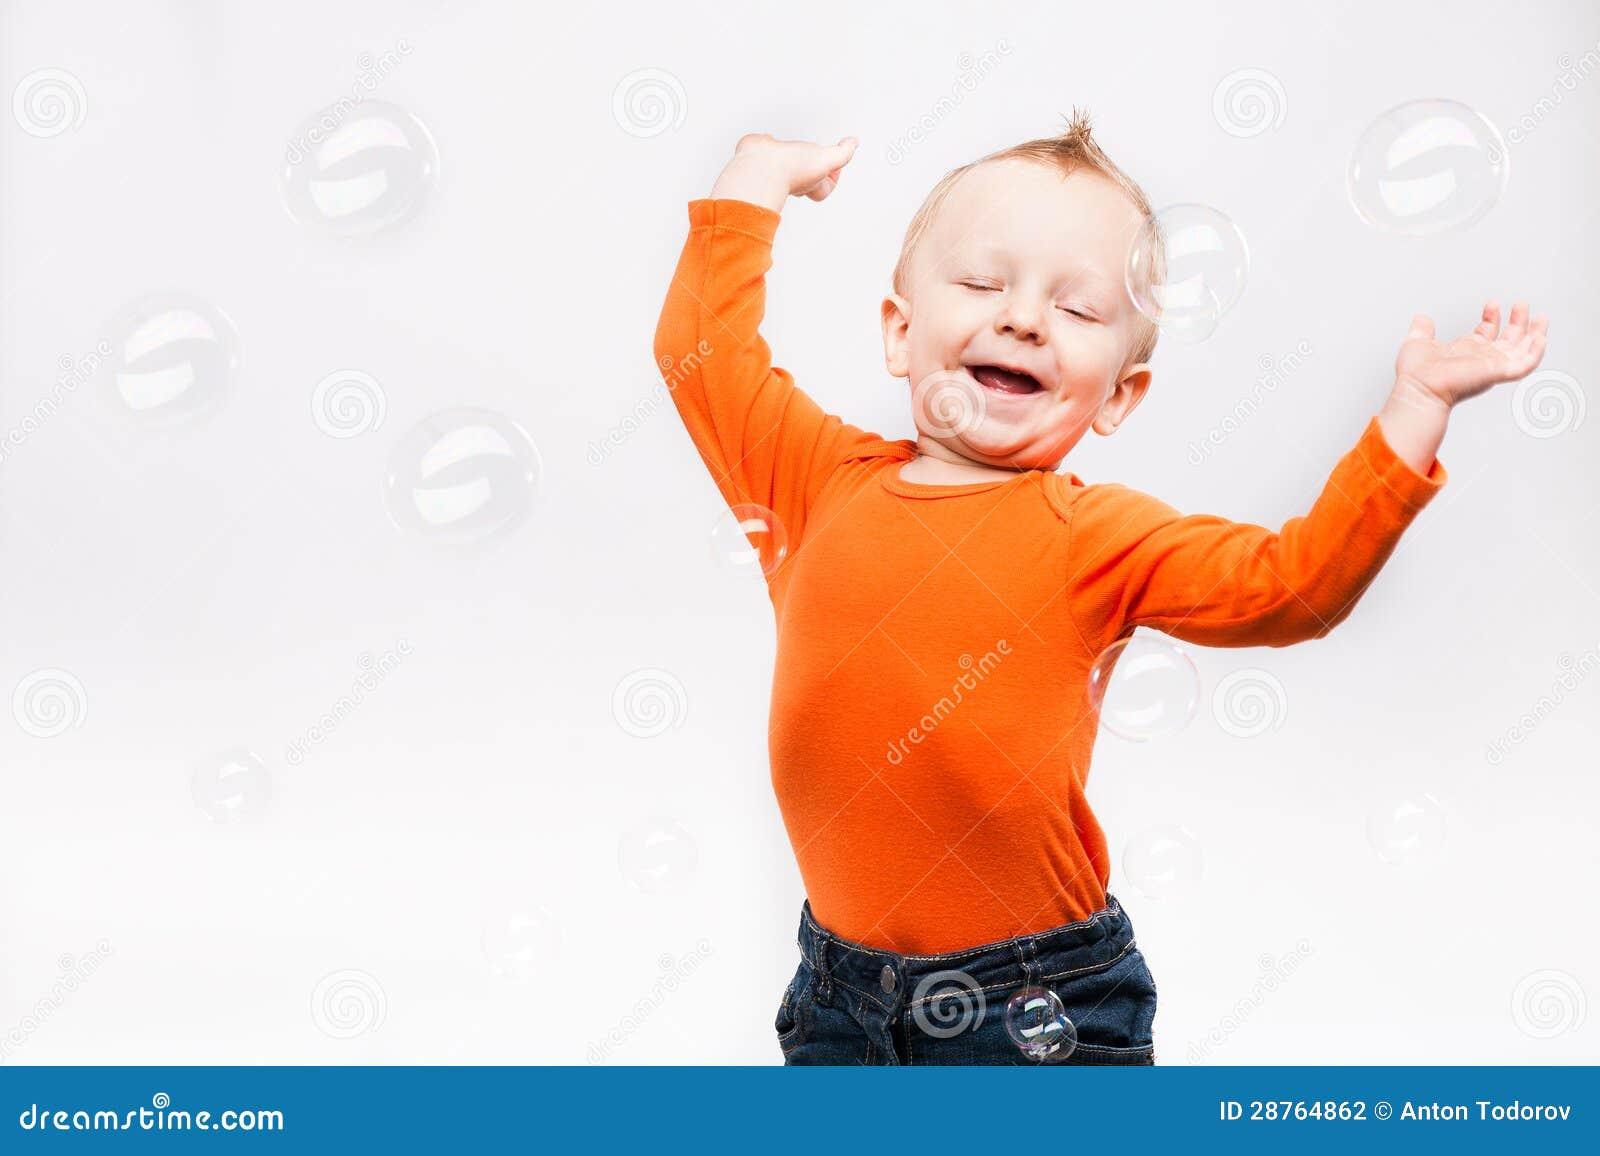 Foto des kleinen Jungen, spielend mit Seife b